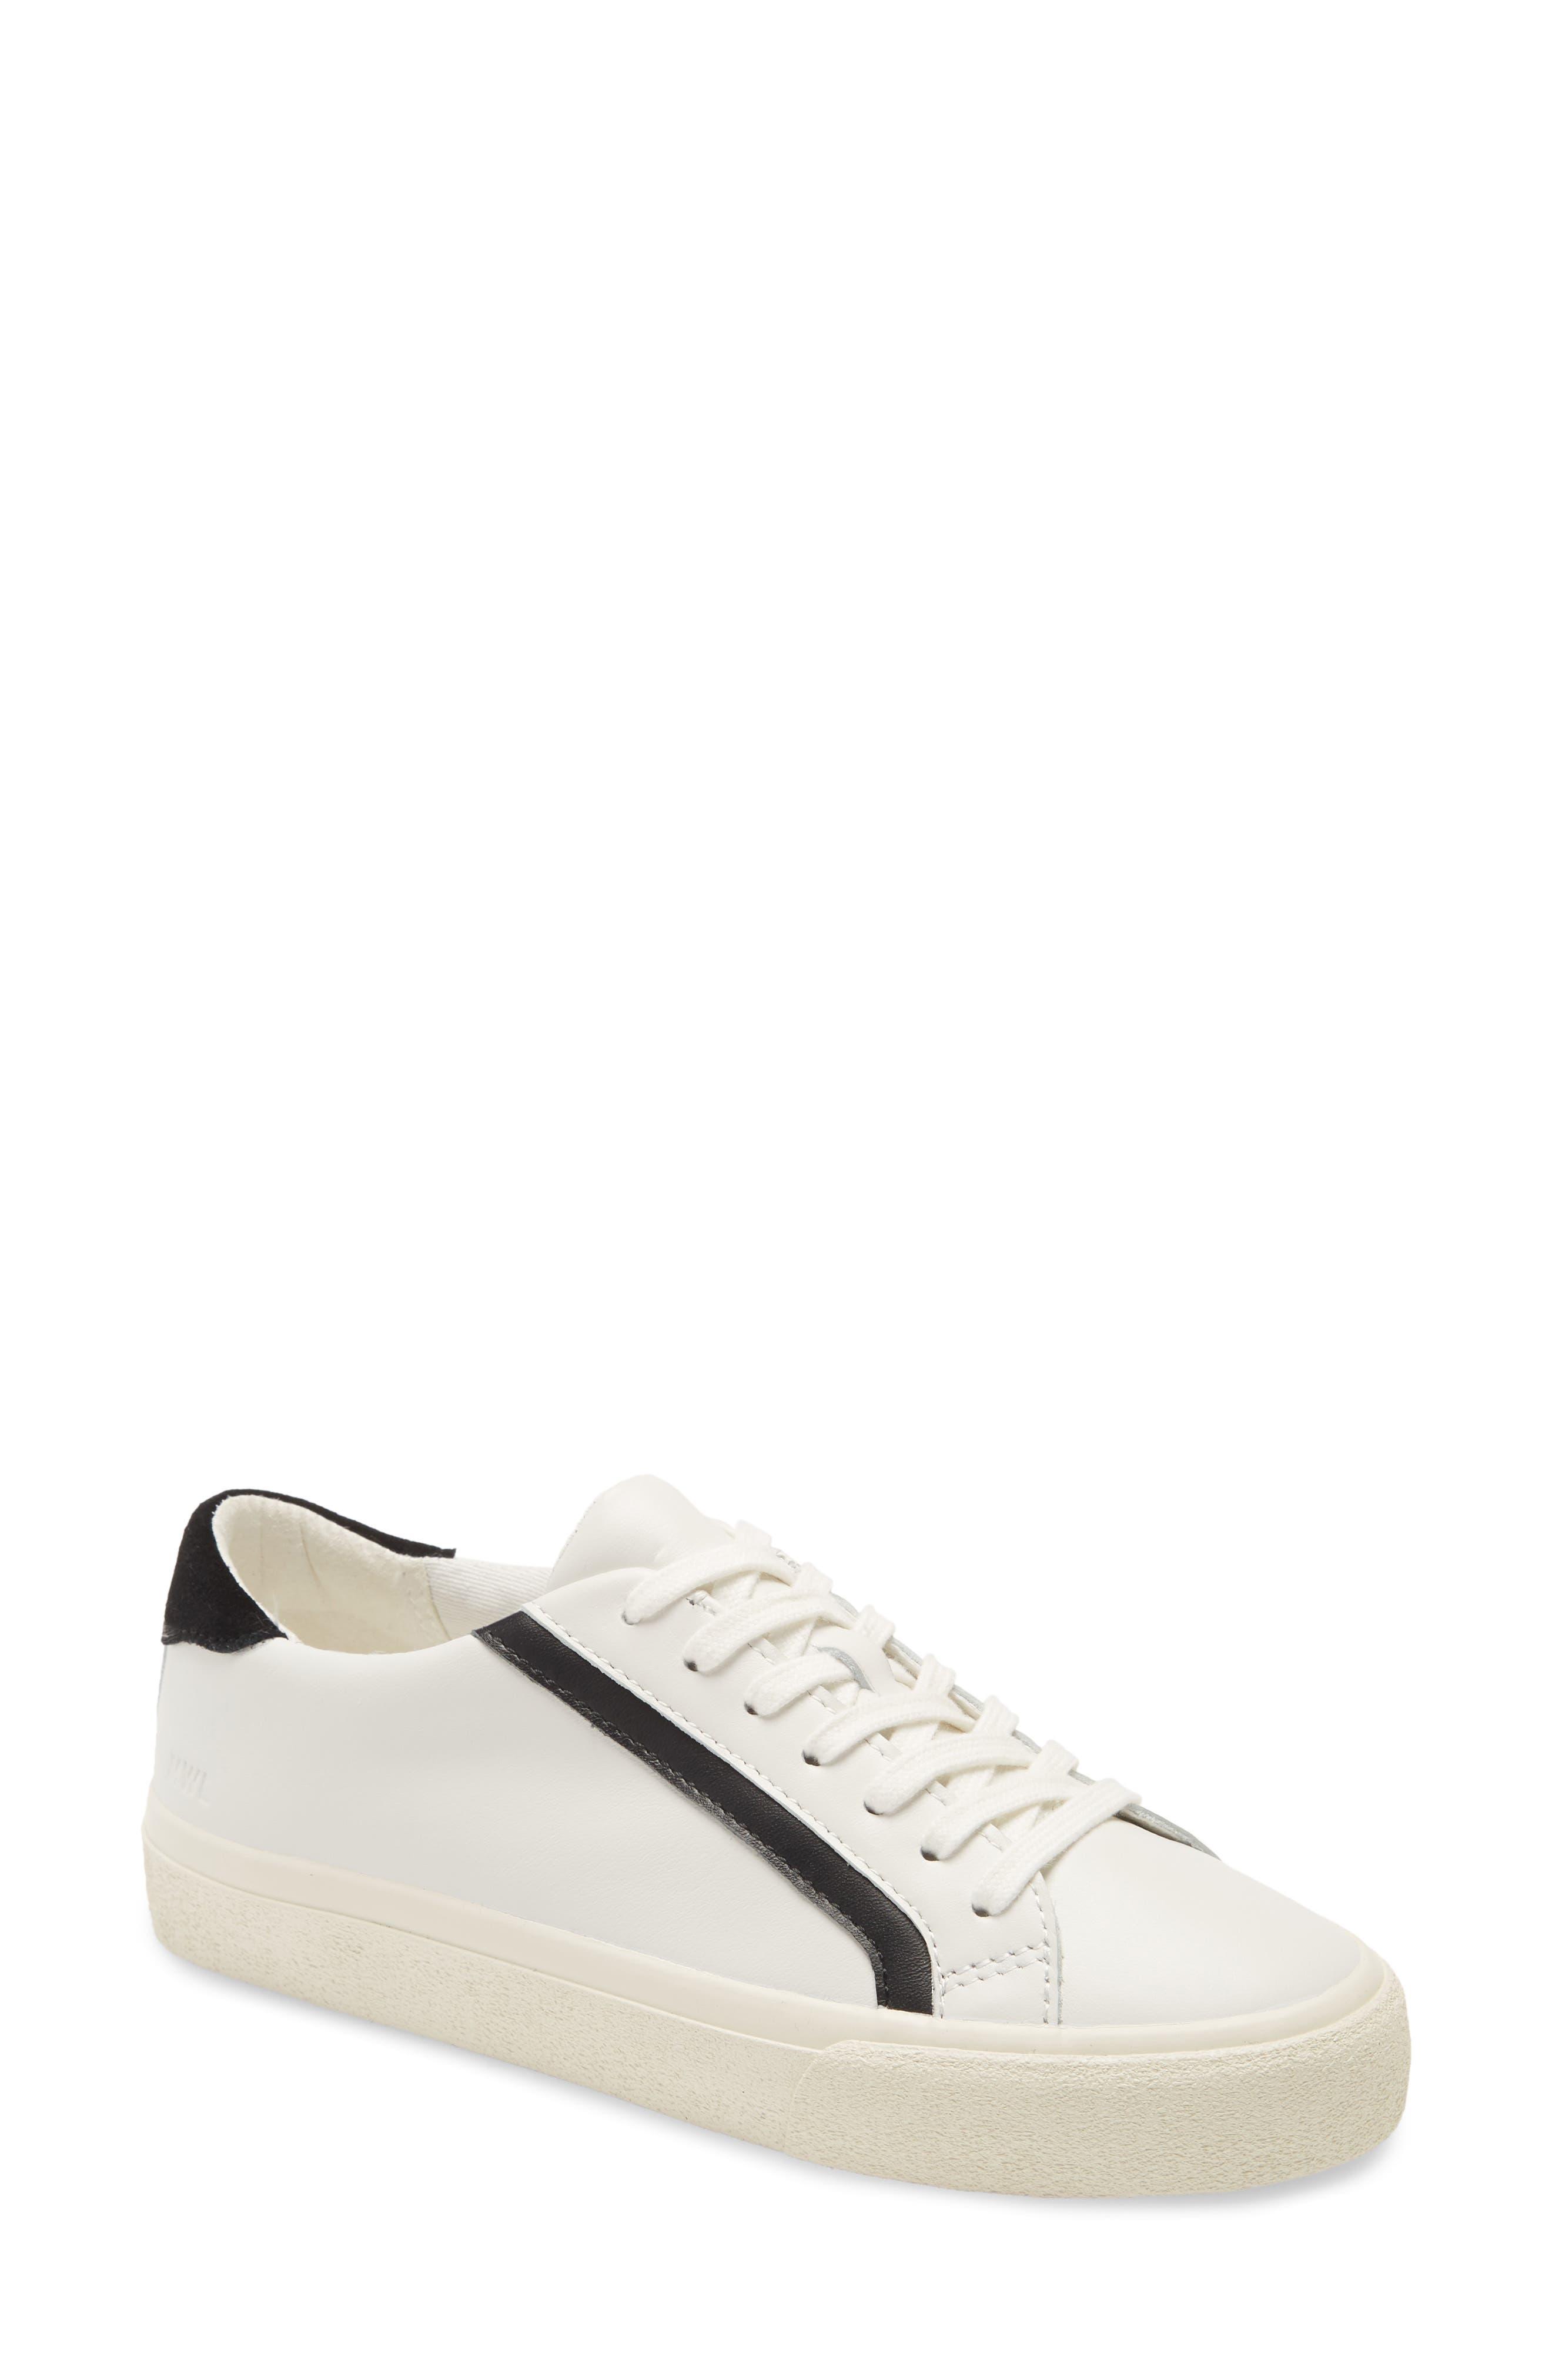 Delia Sidewalk Low Top Sneaker